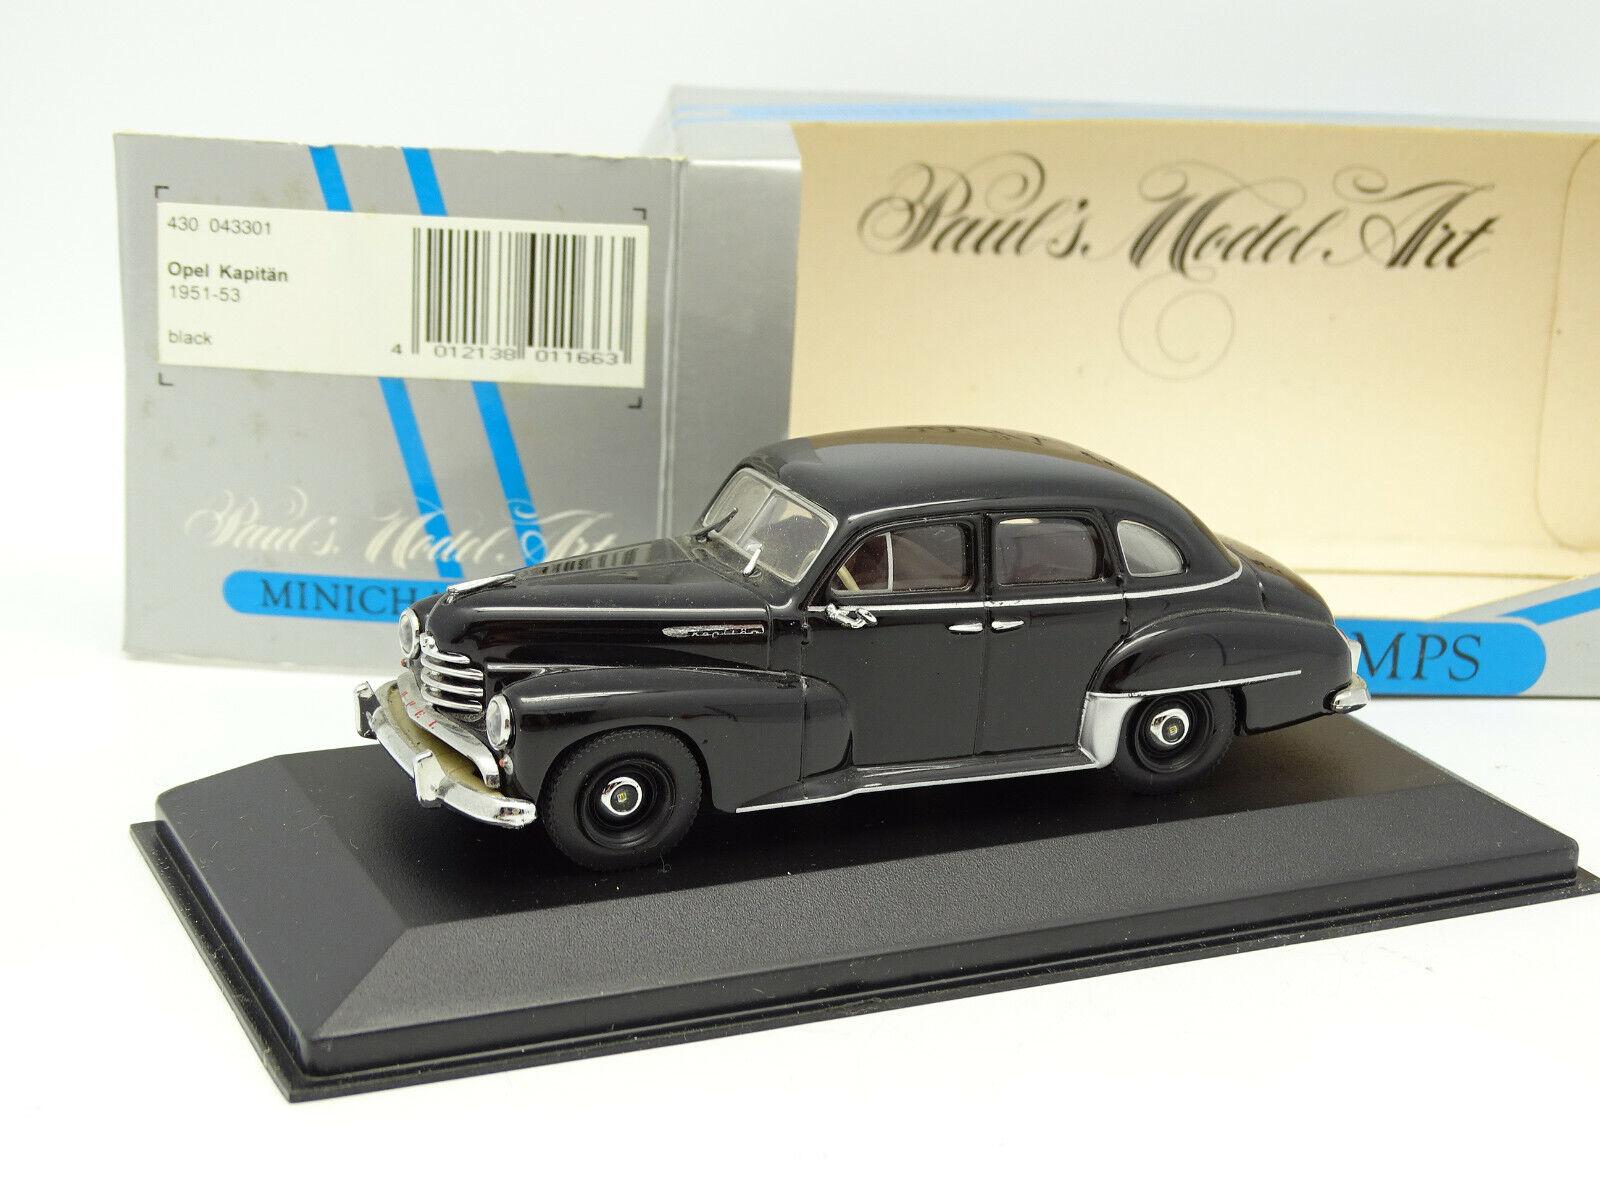 Minichamps 1 43 - Opel Kapitan 1951 black